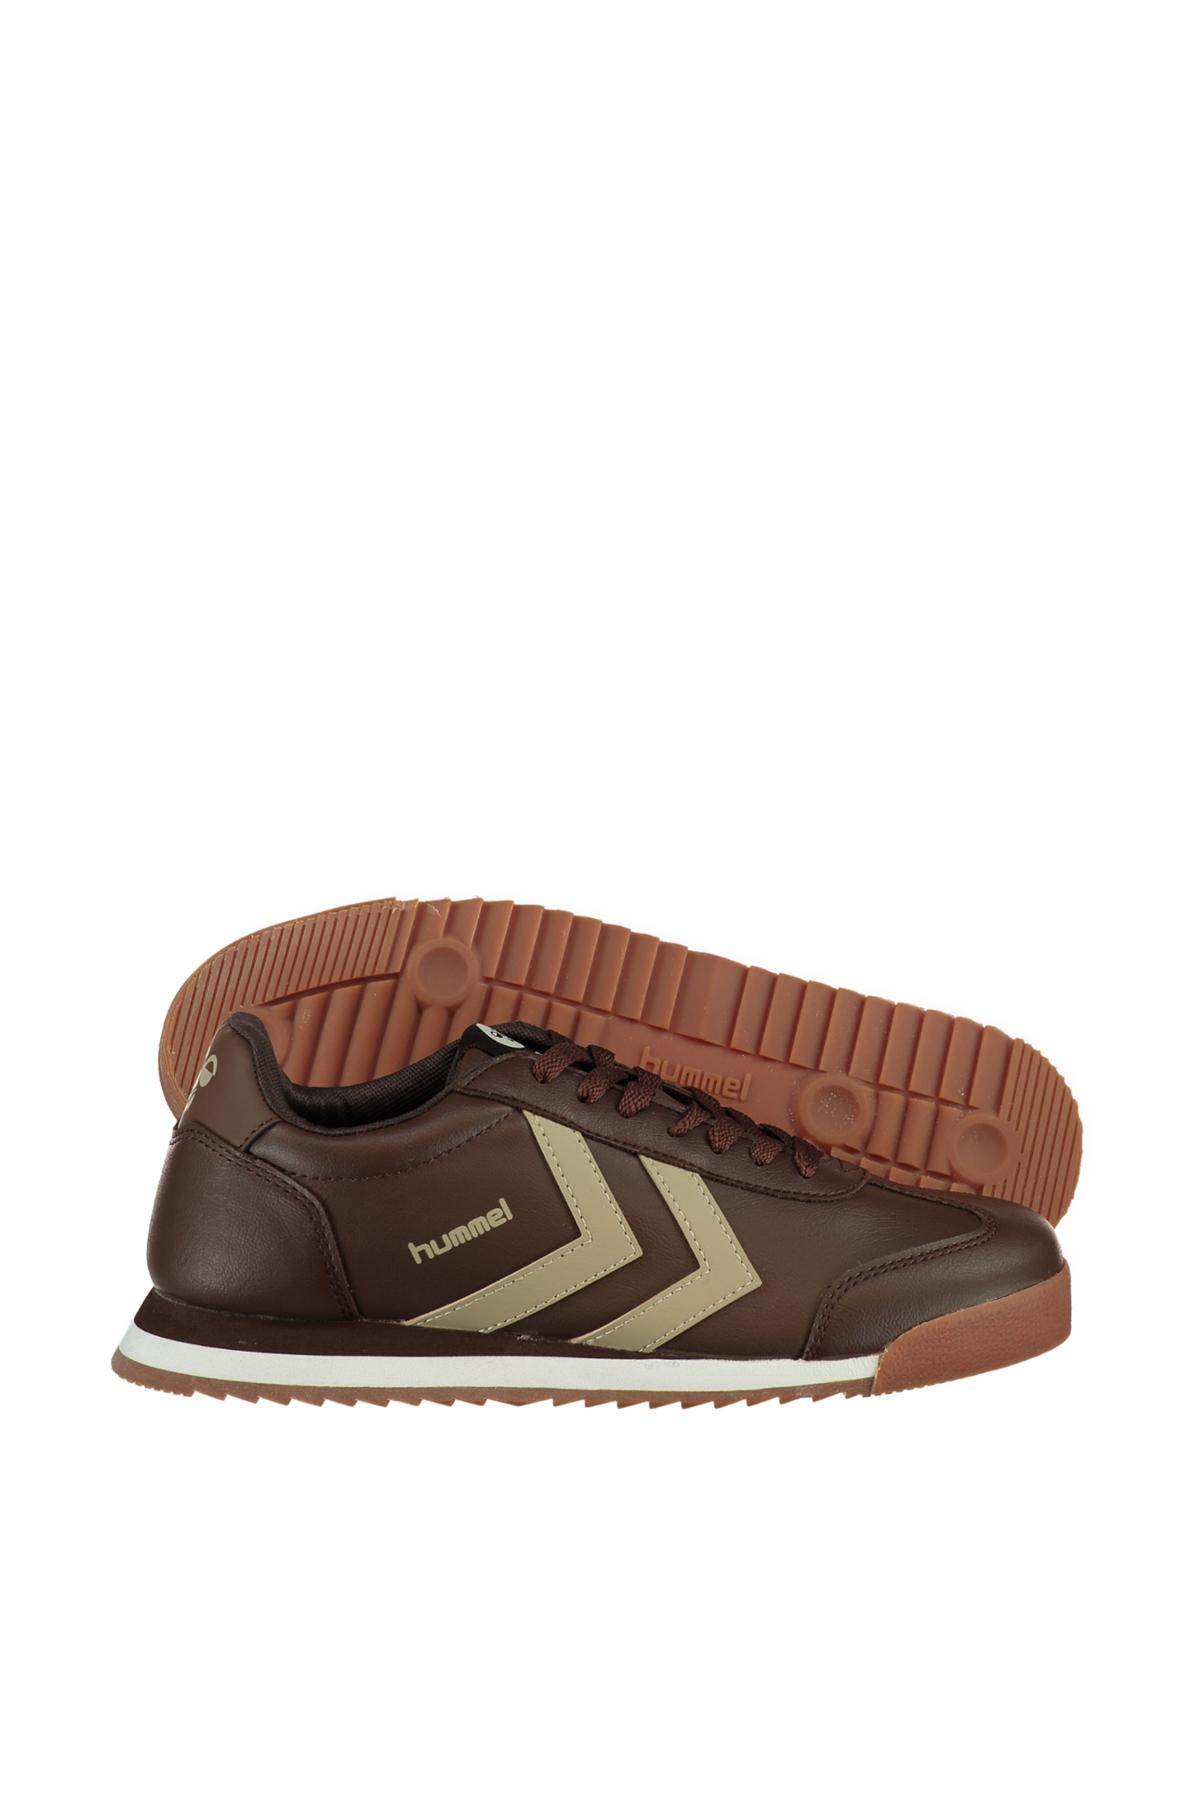 HUMMEL MESSMER 23 Kahverengi Erkek Sneaker 100293356 1